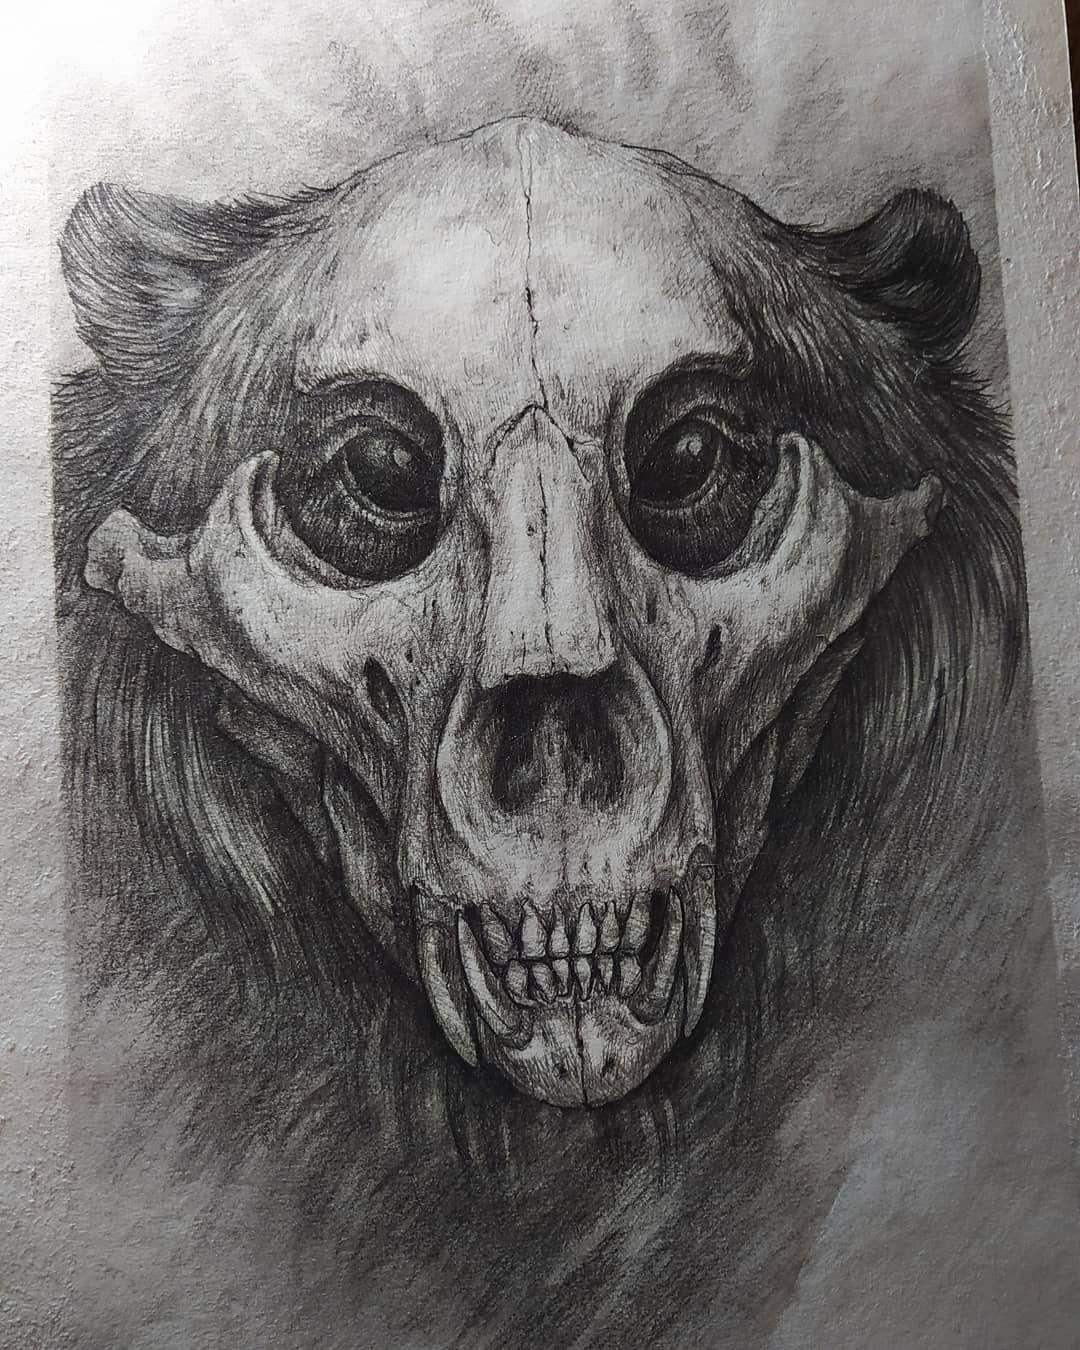 #tattoodo @tattoodo #art #drawing #instaartwork #artforsale #illustration #design #graphicart #graphic #pencildrawing #pendrawing #tattooartist #tatuador #tattoo #skull #spb #sketch #skullart #dibujo #dotworkart #dotwork #darkart #inkonpaper #biomech #biomechanical #artistsoninstagram